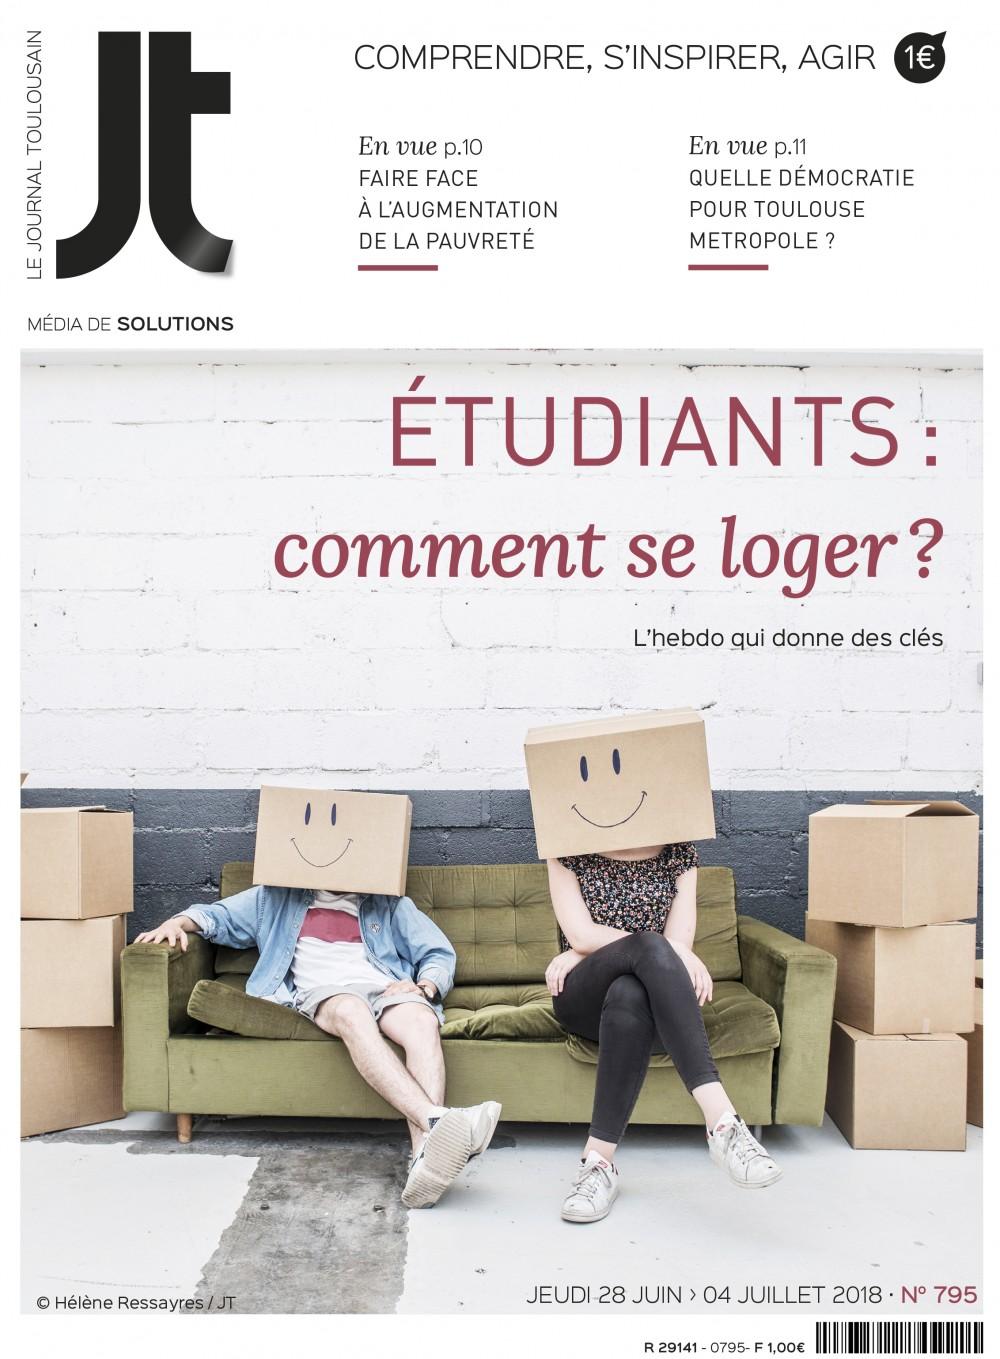 Une du Journal Toulousain 795